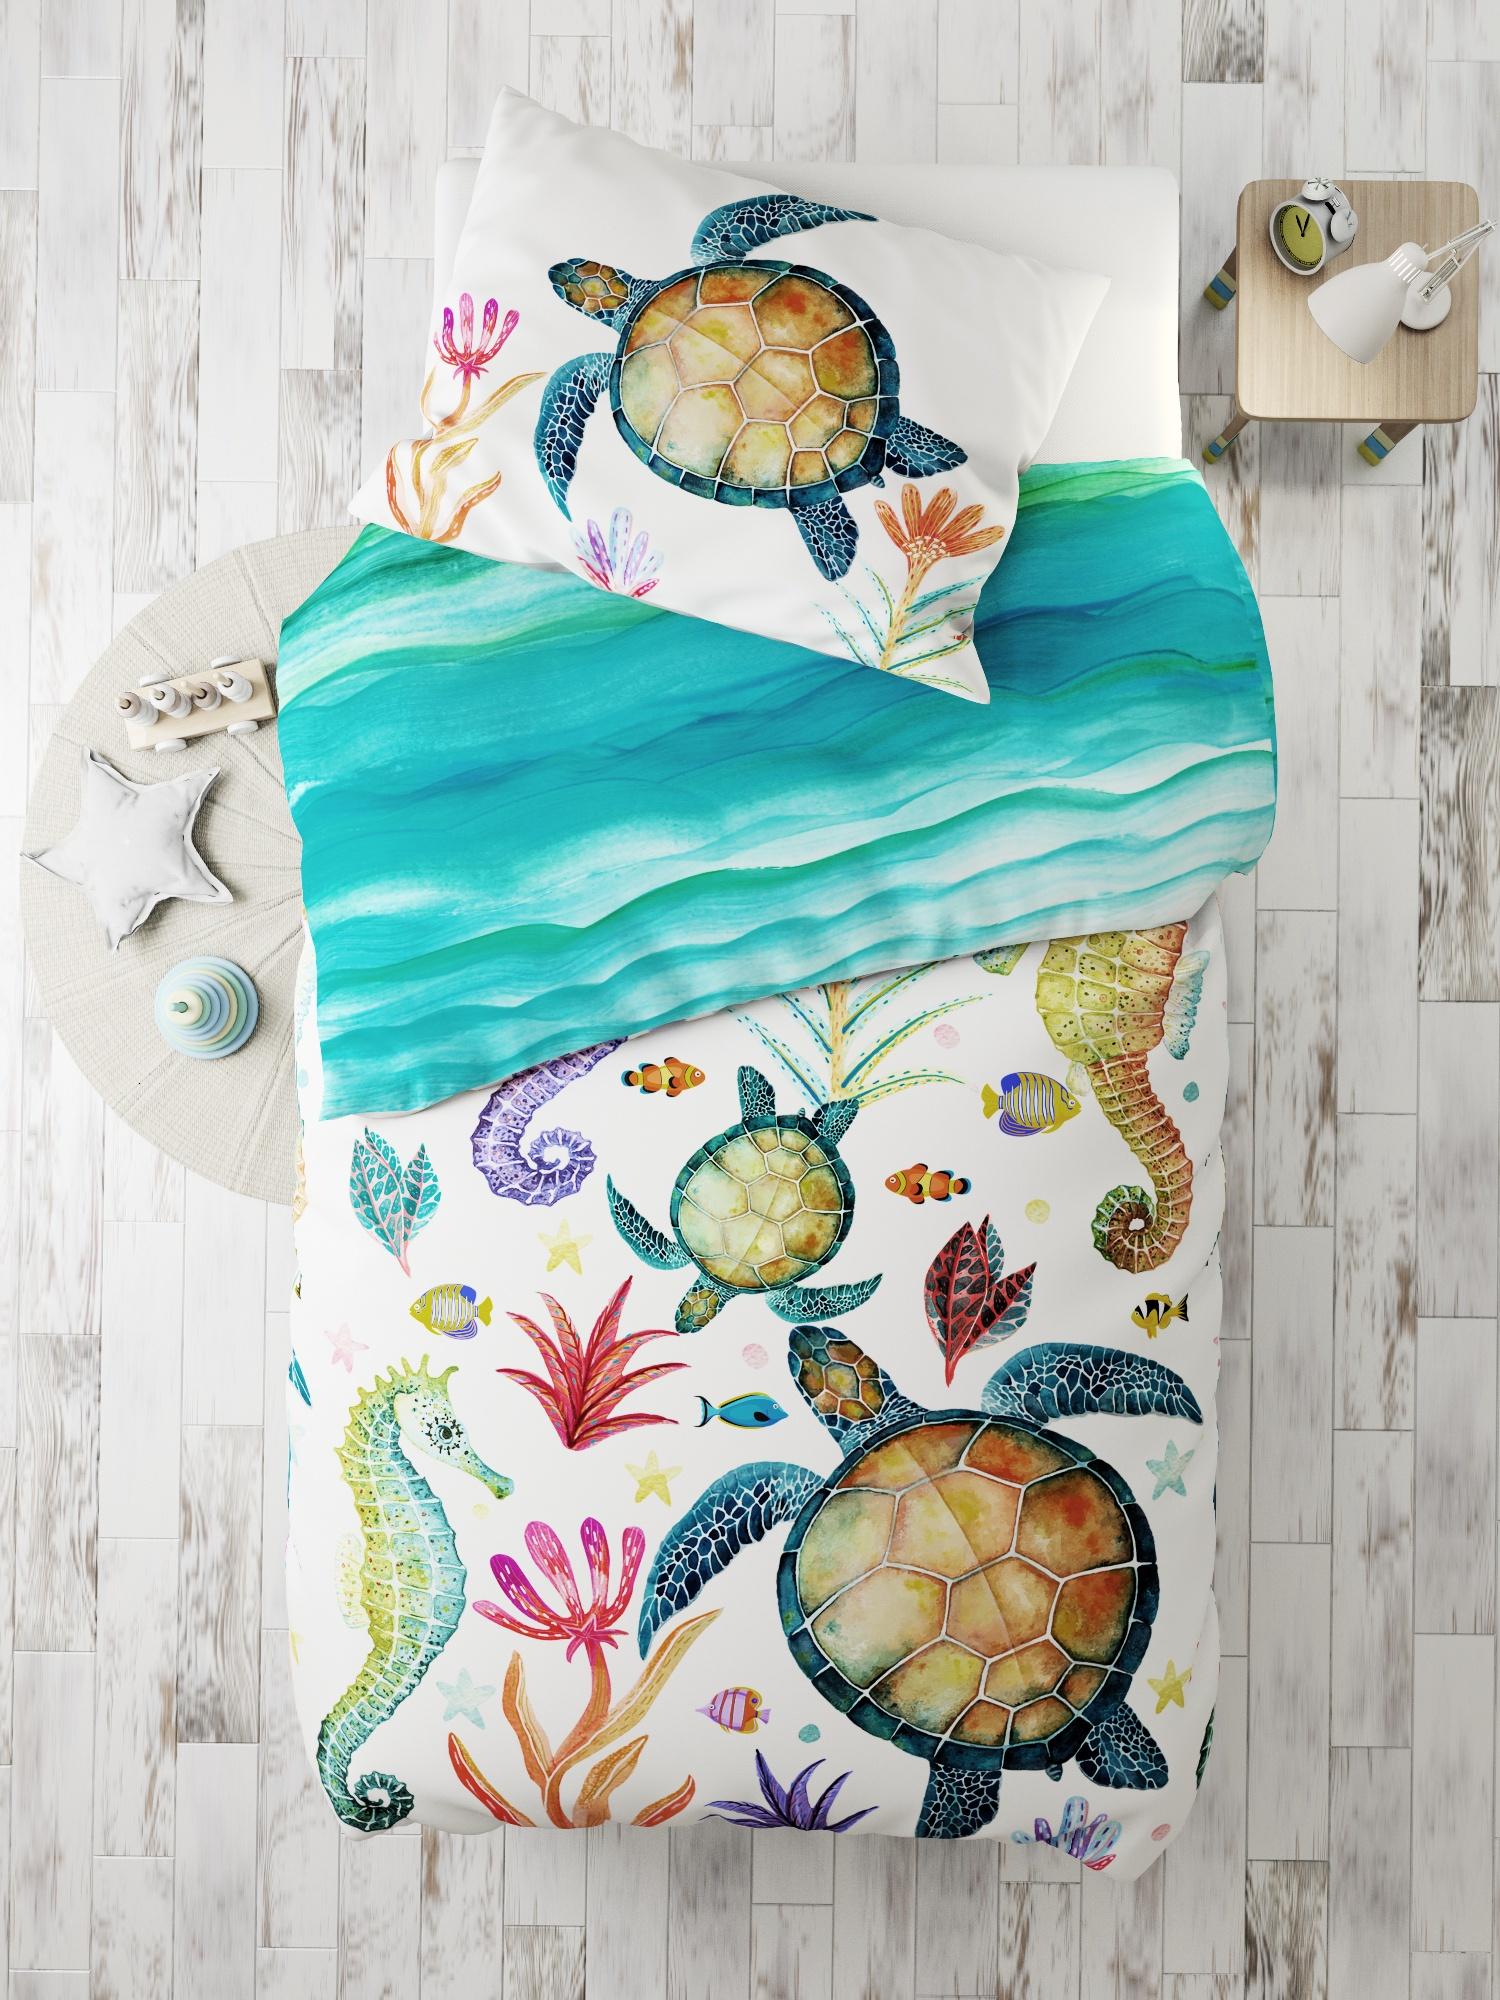 Комплект в кроватку Морские жители, белый, бирюзовый